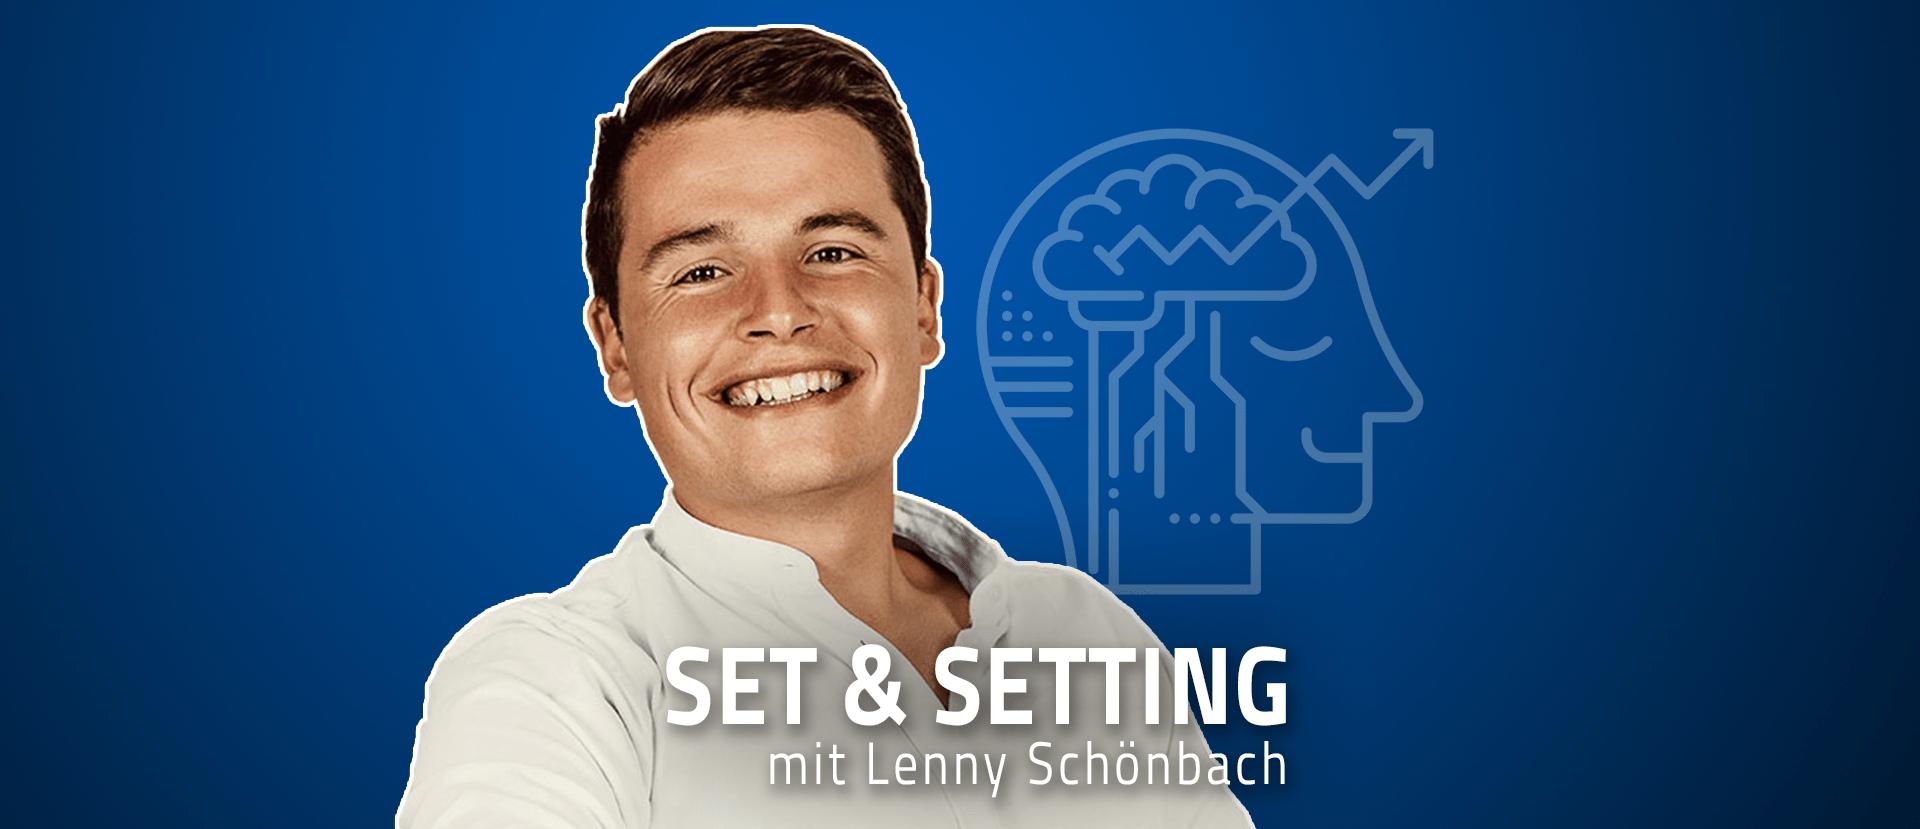 #03 Lenny Schönbach über den Einfluss von Psychedelika auf Business, Ängste und Bewusstsein